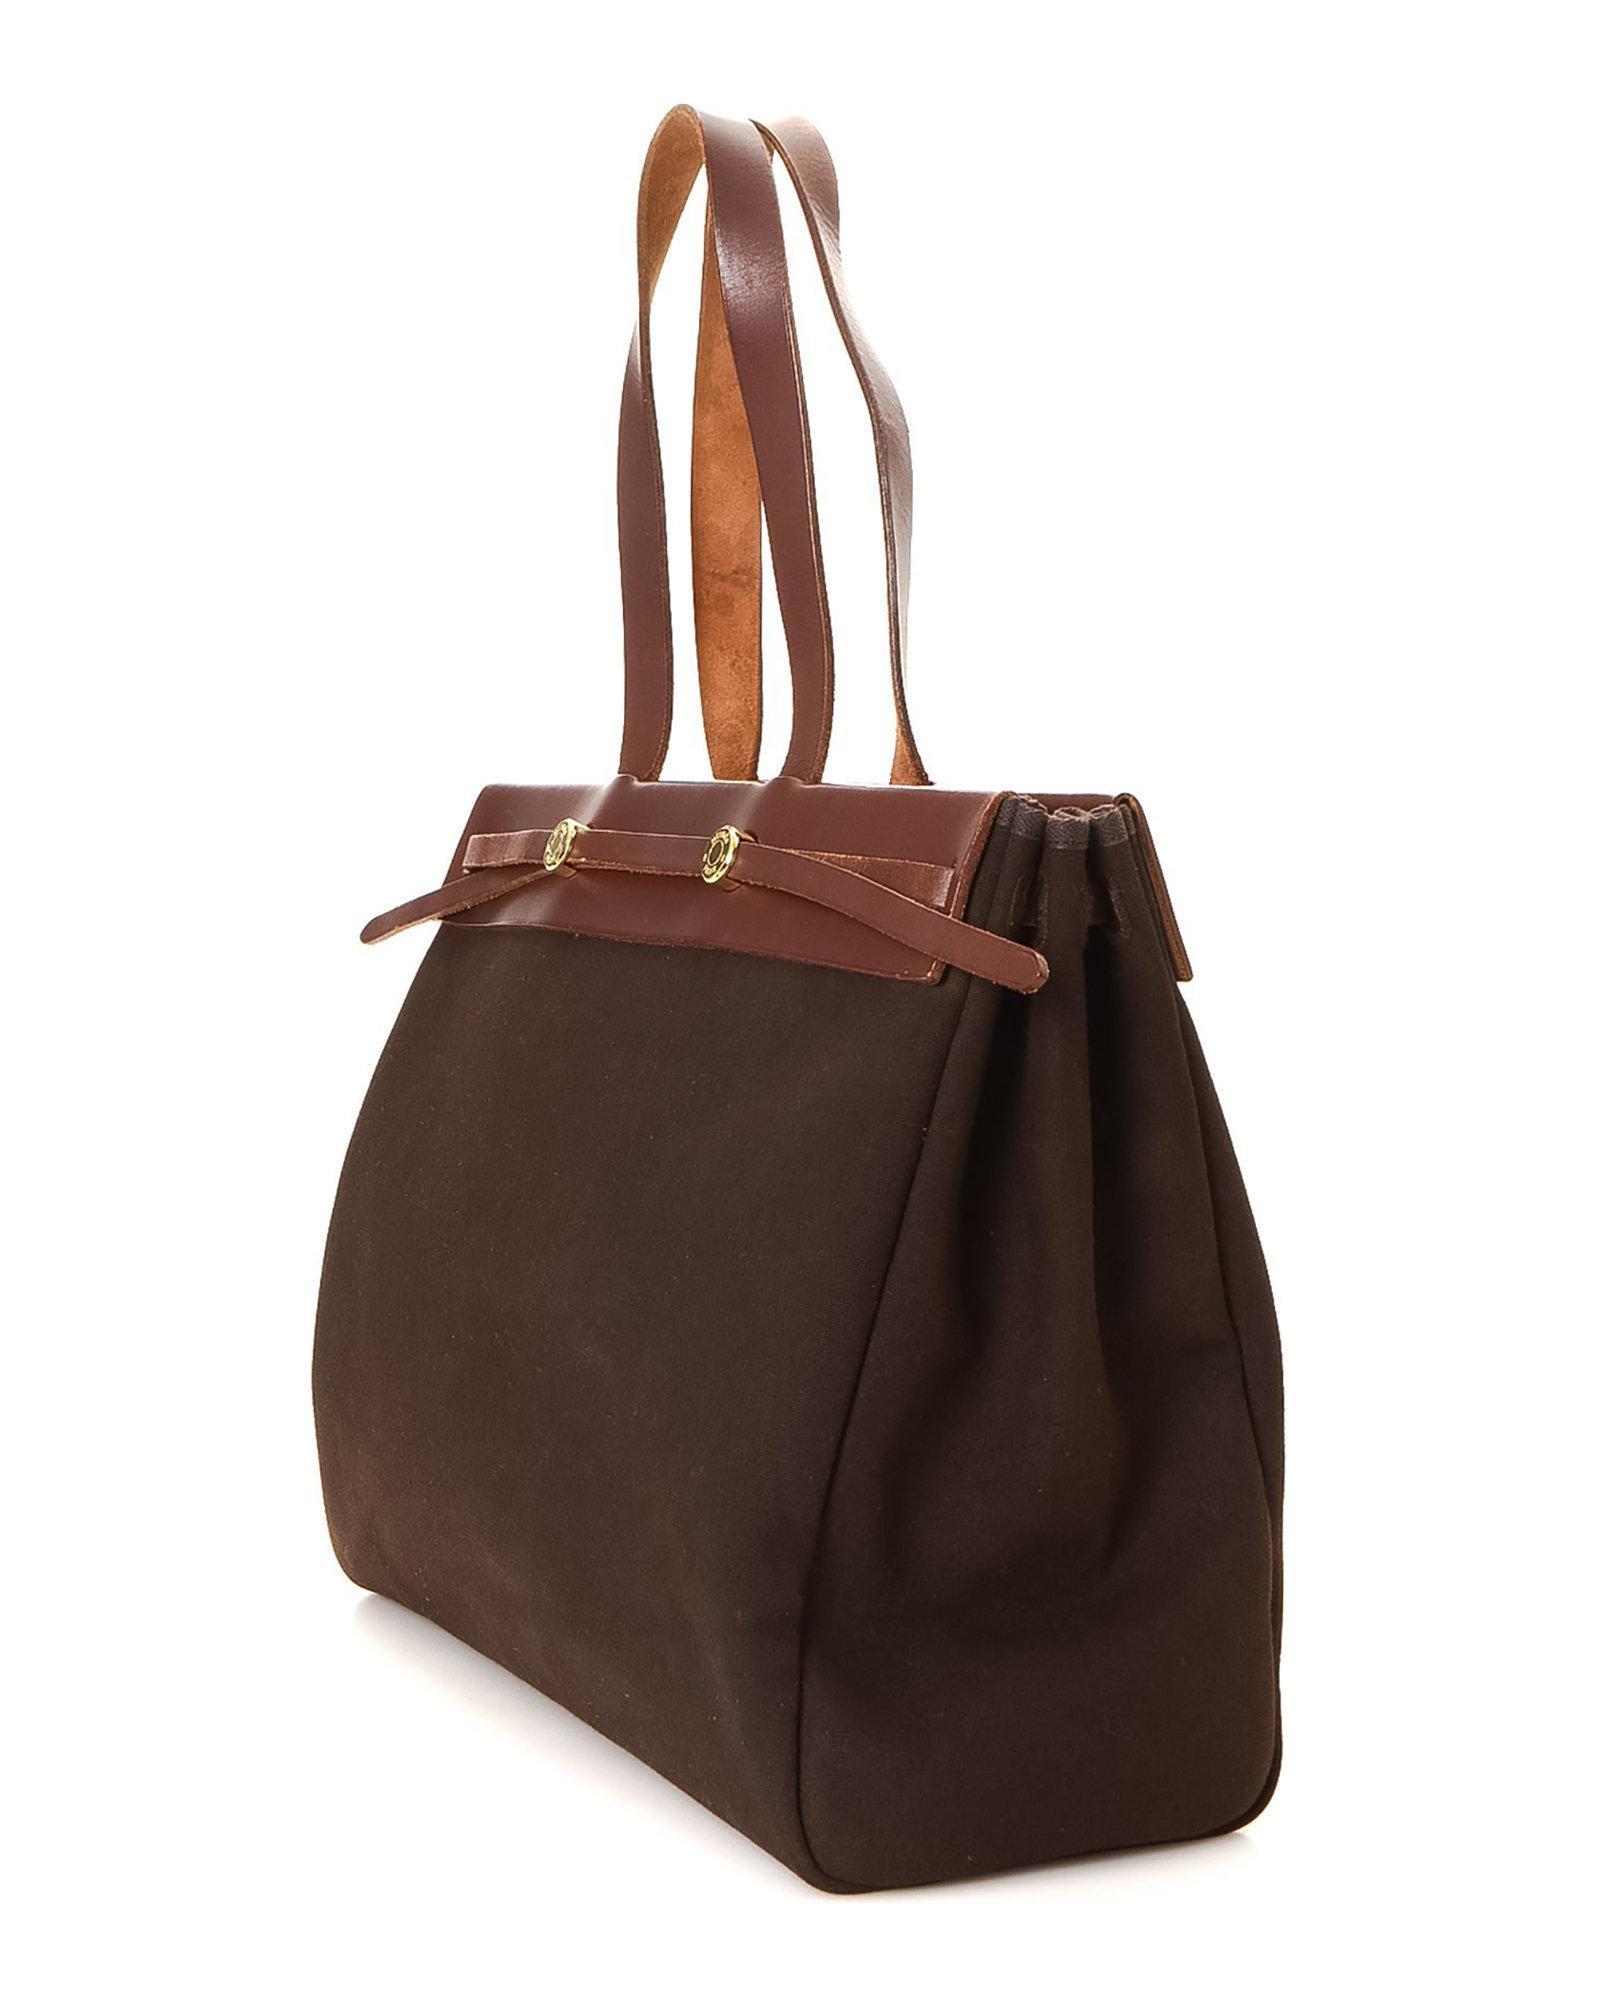 09c411da0634 Lyst - Hermès Tote - Vintage in Brown